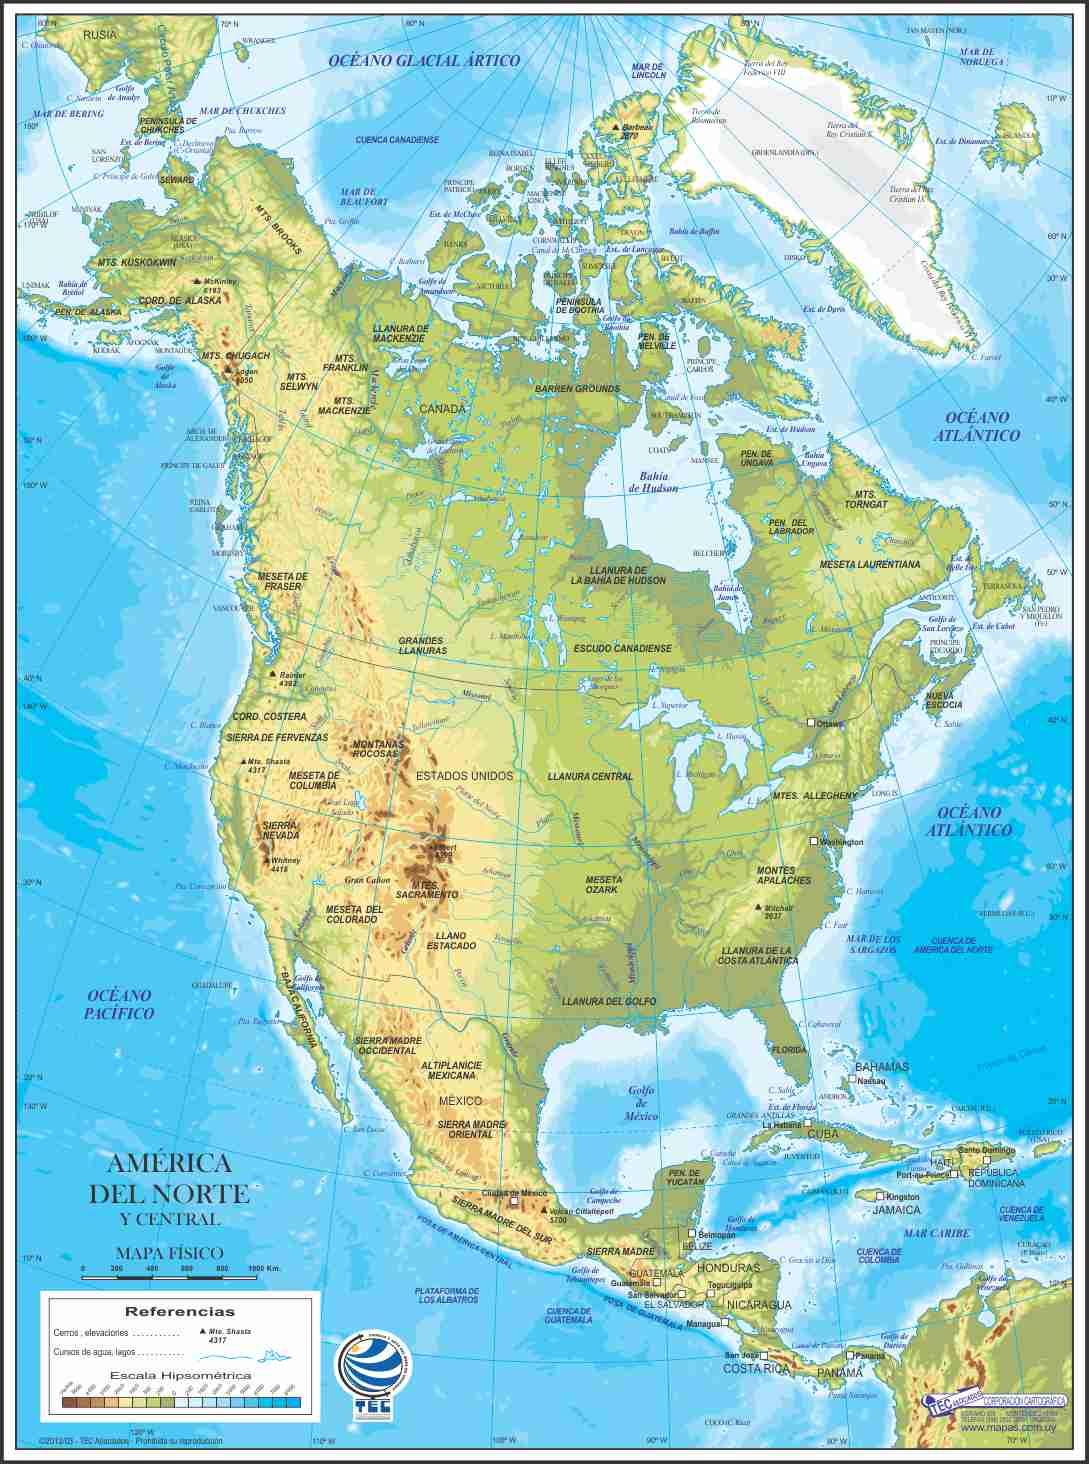 Mapa de América del Norte y Central Físico